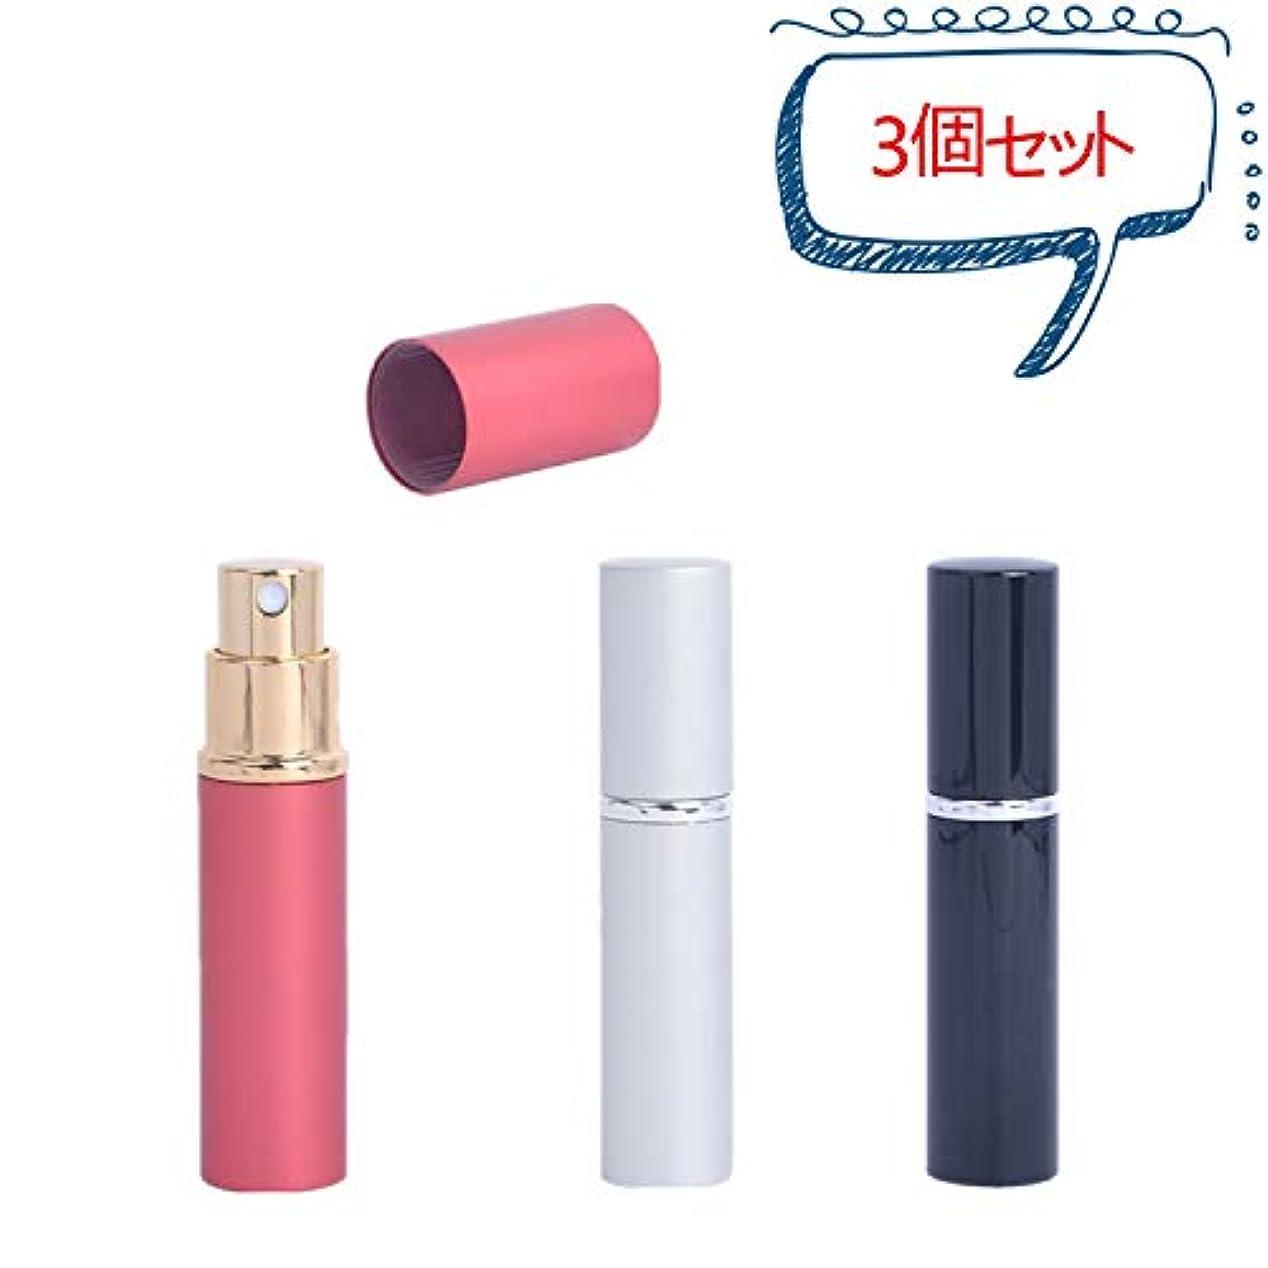 誓約性的モンスター[Hordlend] 3個セット アトマイザー 香水ボトル 香水噴霧器 詰め替え容器 旅行携帯用 5ml 3色セットXSP-025